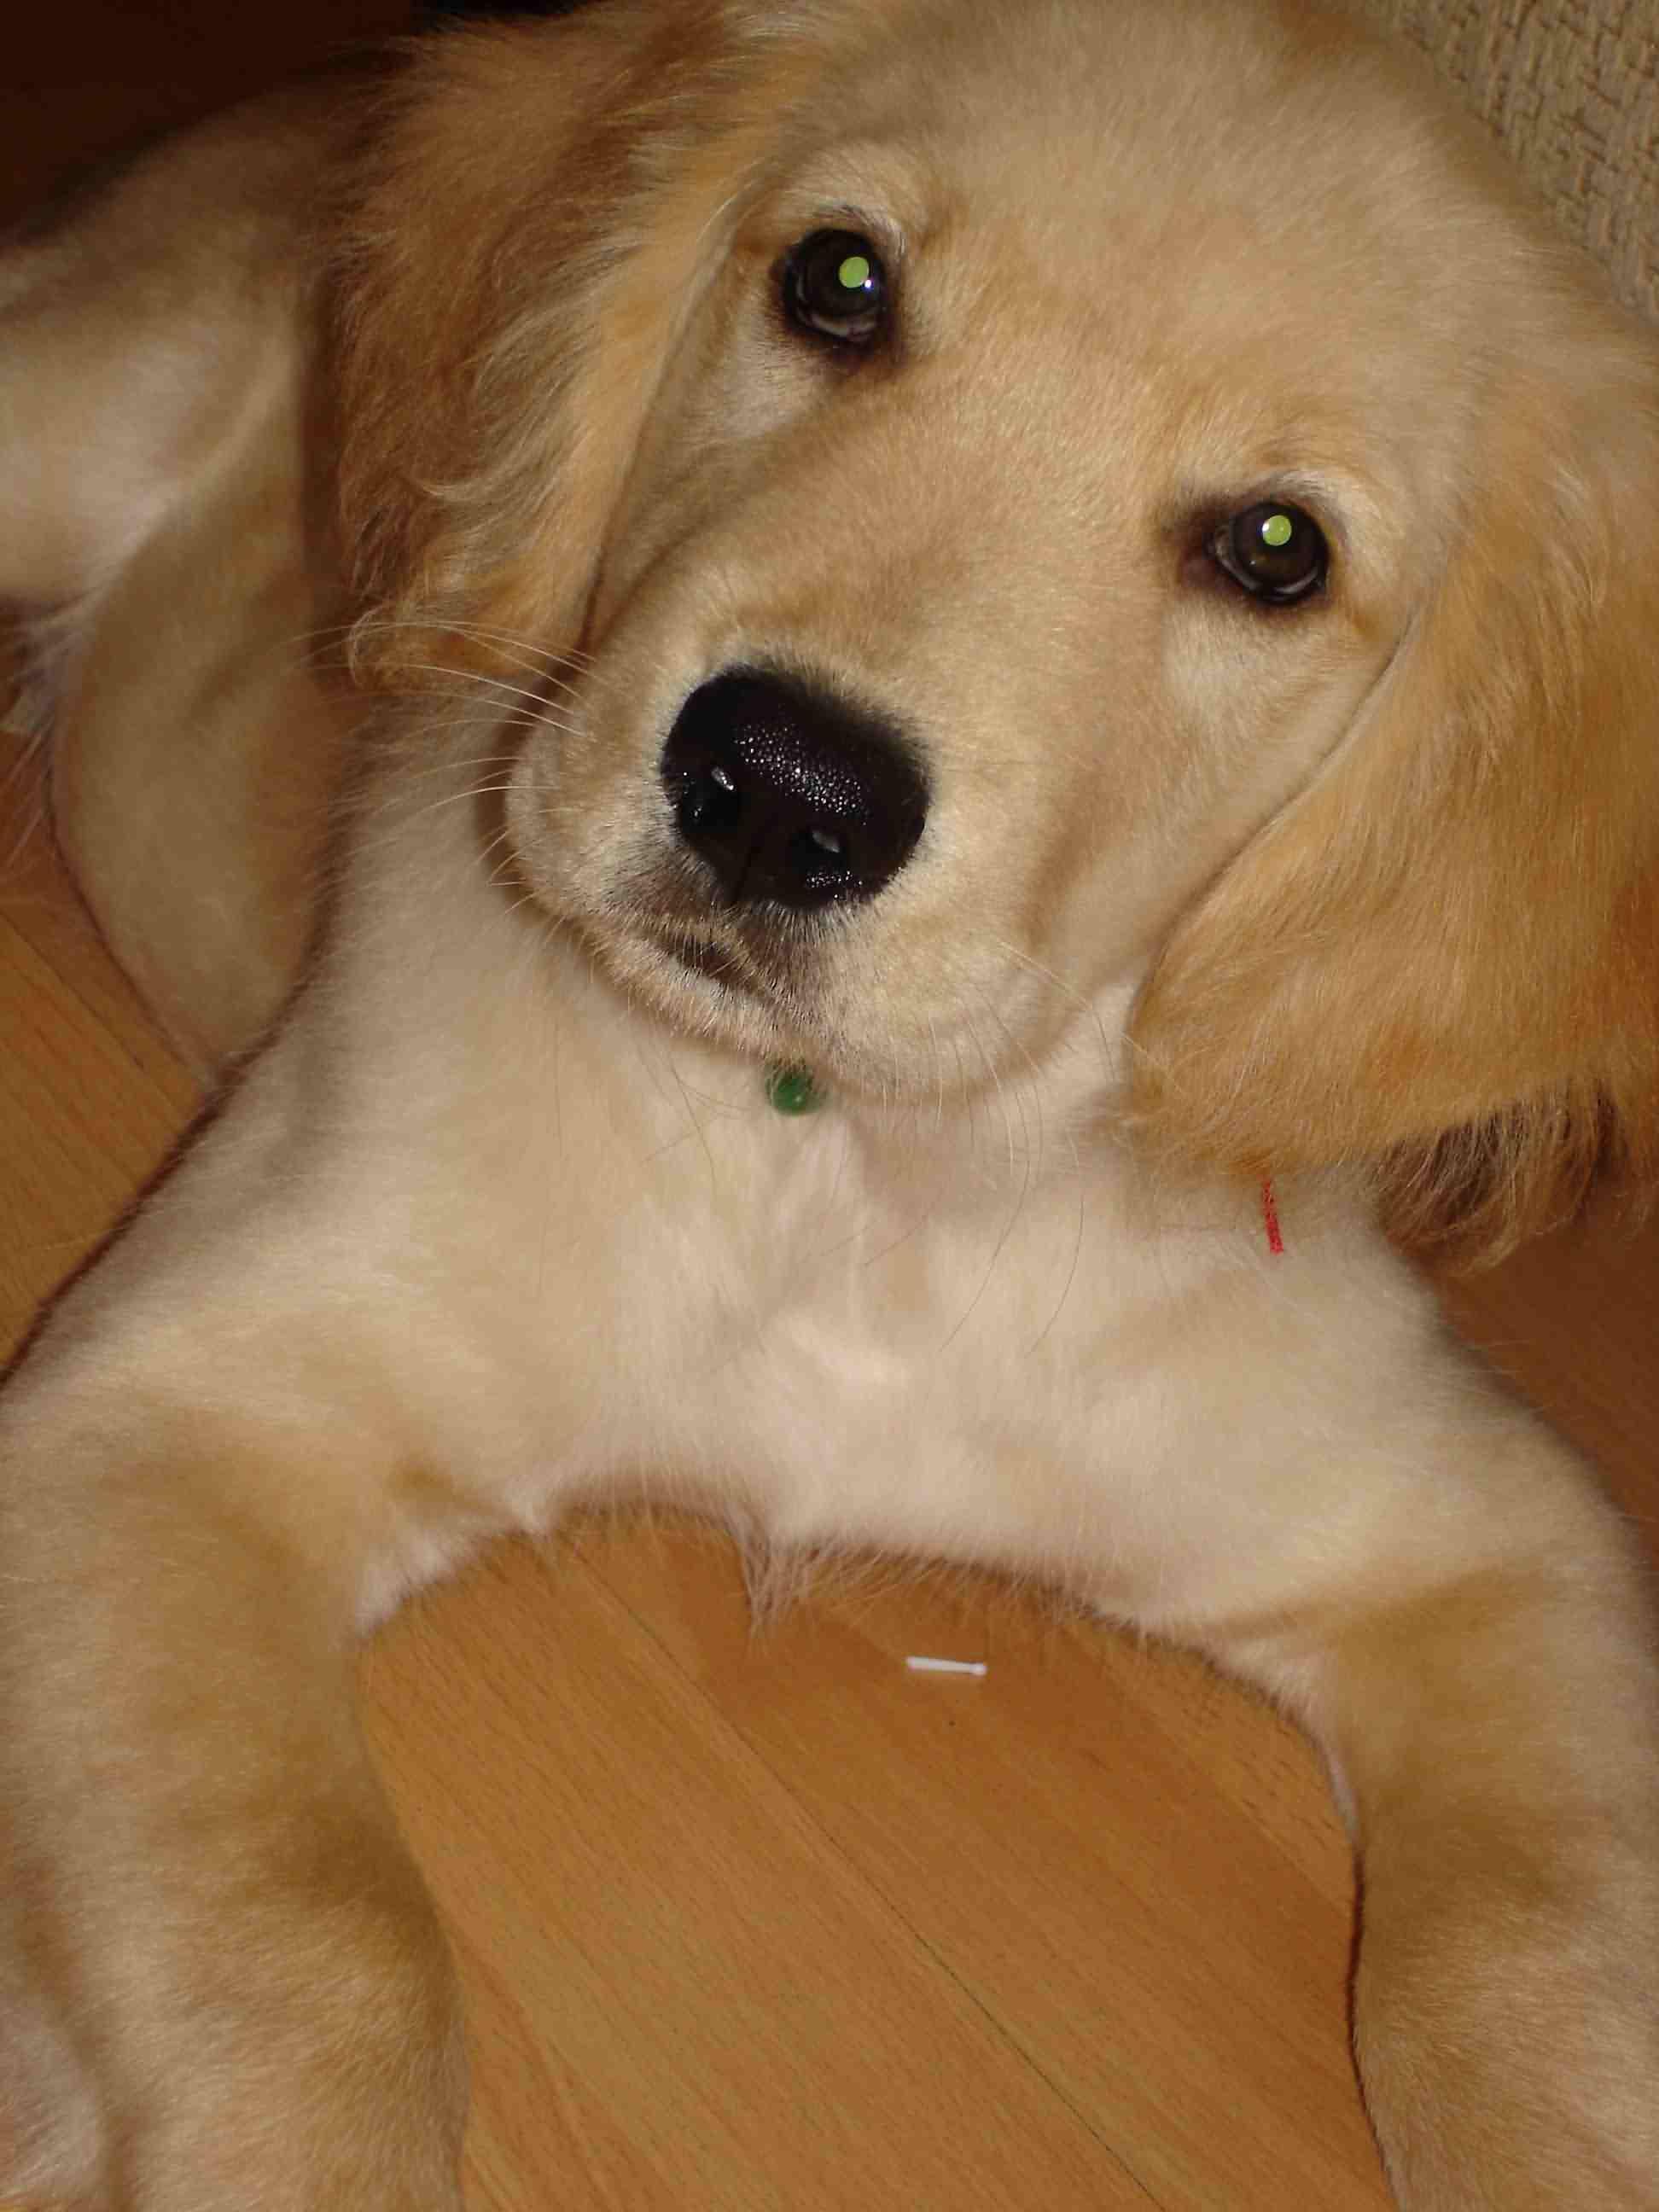 5个月金毛犬图片_谁有金毛犬qq头像,就是人物和金毛犬的自拍头像之类。最好是个 ...